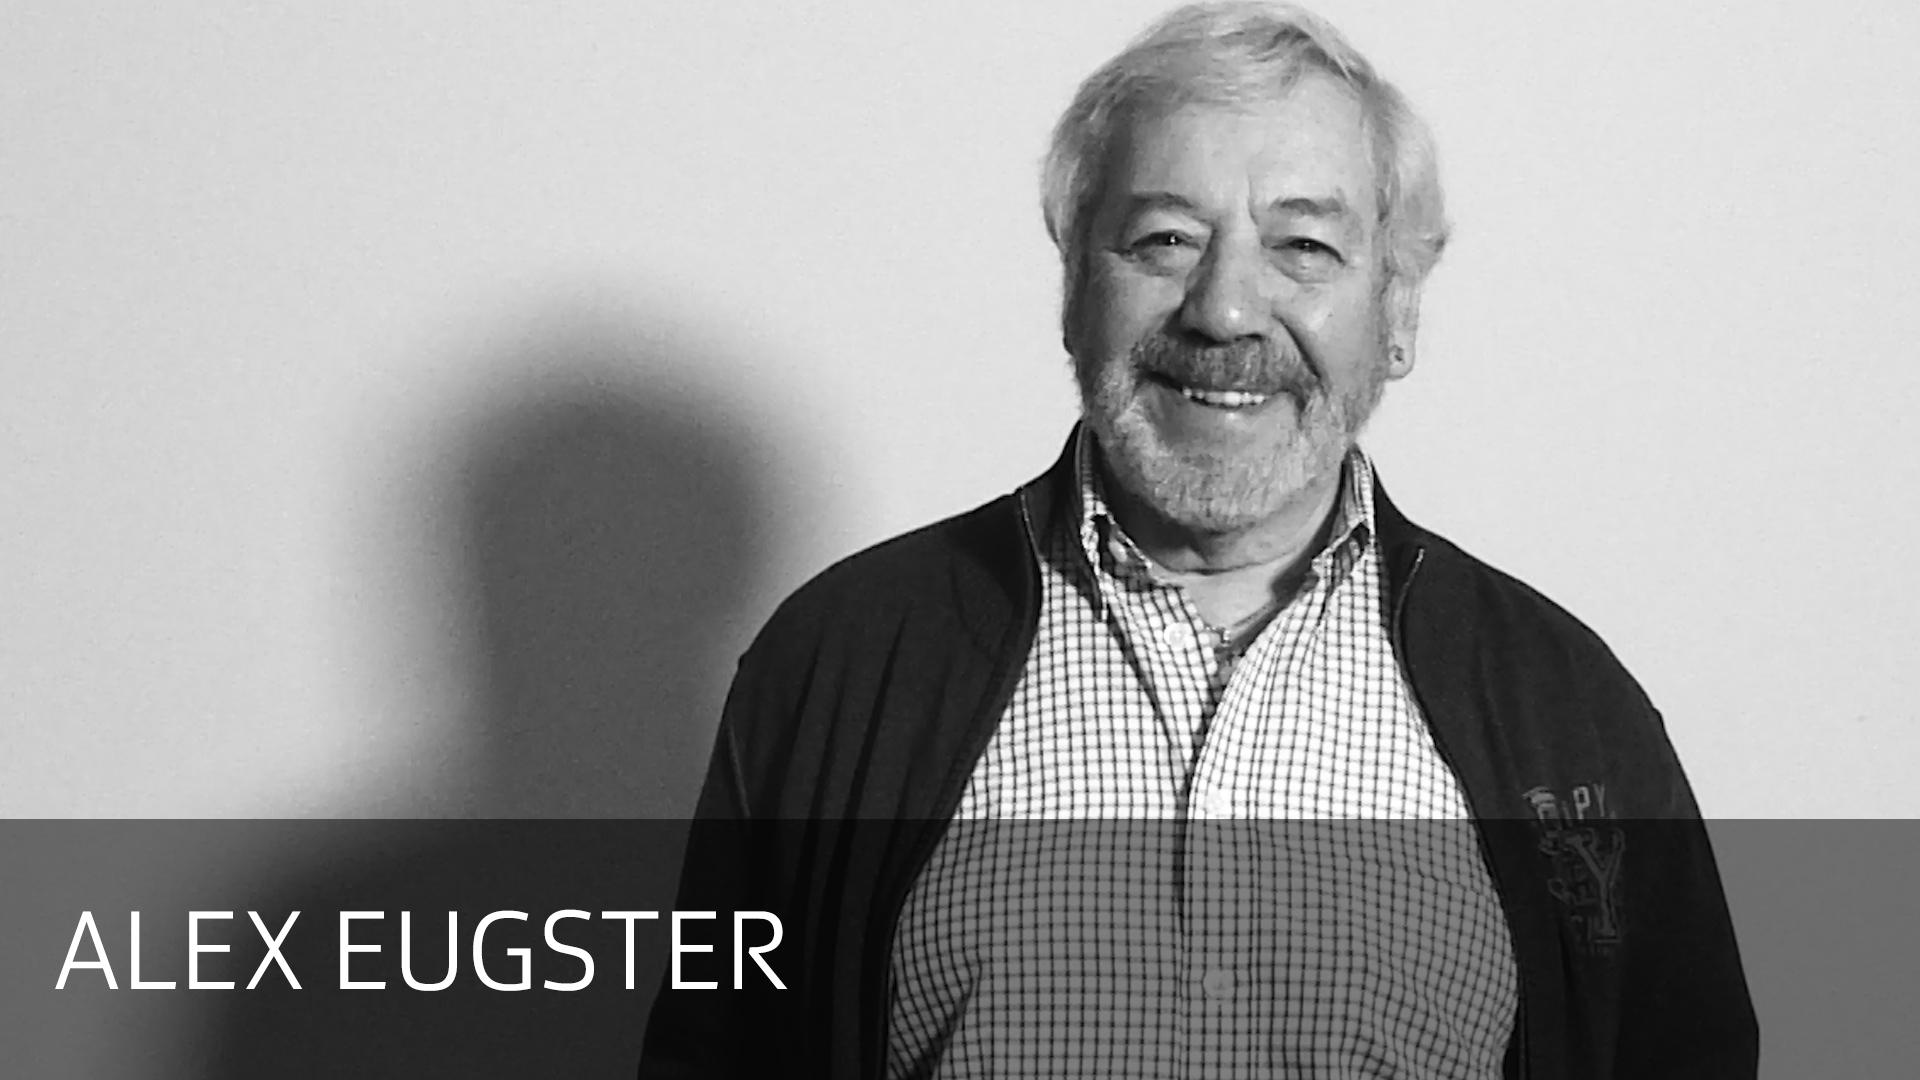 Alex Eugster: Was wärst du heute, wenn du nicht Musiker geworden wärst?